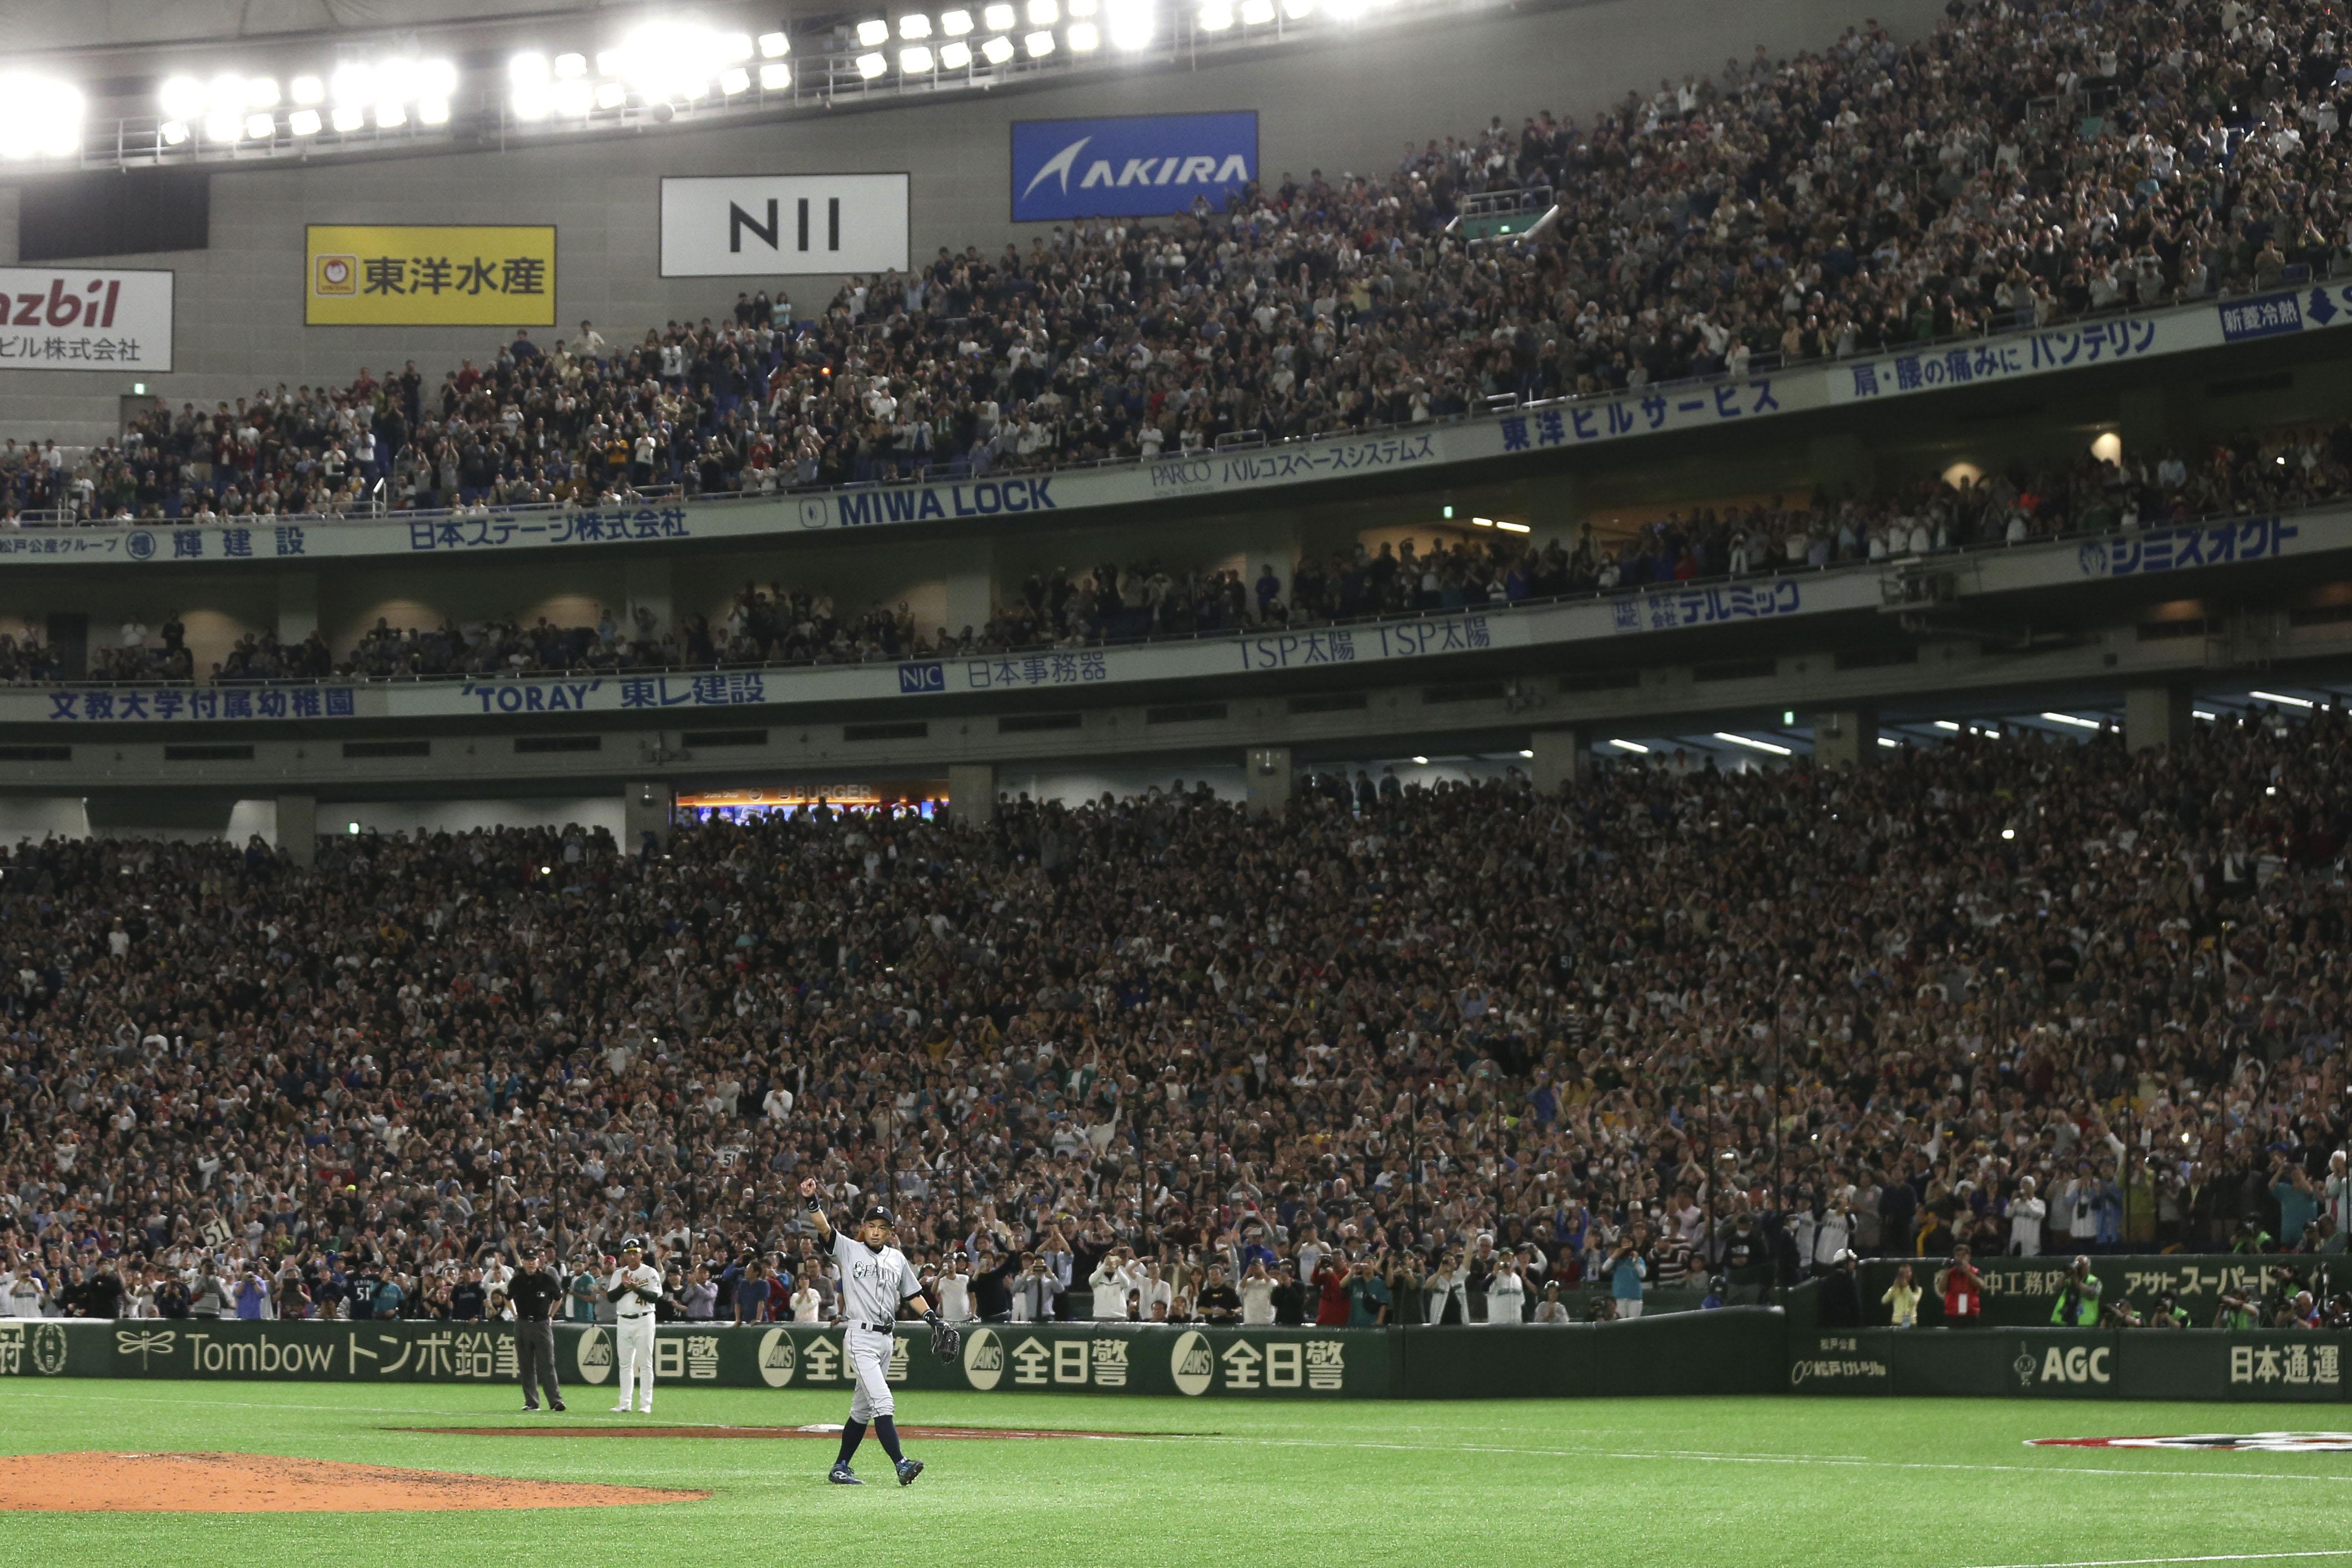 Ichiro Suzuki to retire, leaves field to standing ovation (Video)